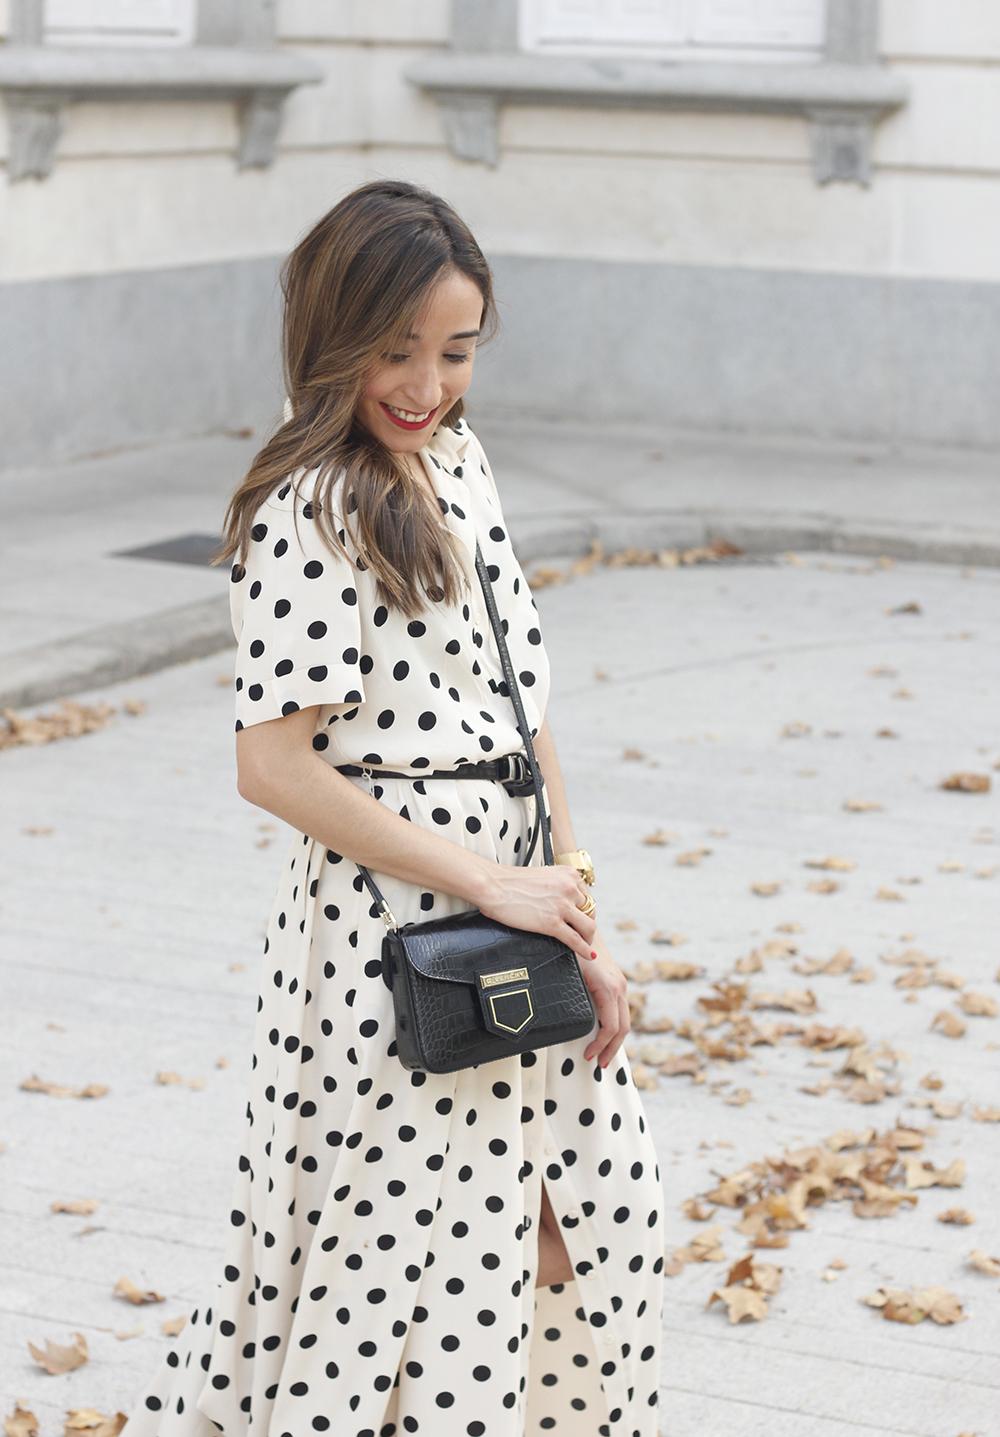 Maxi dress polka dots uterqüe converse givenchy bag summer outfit summer11